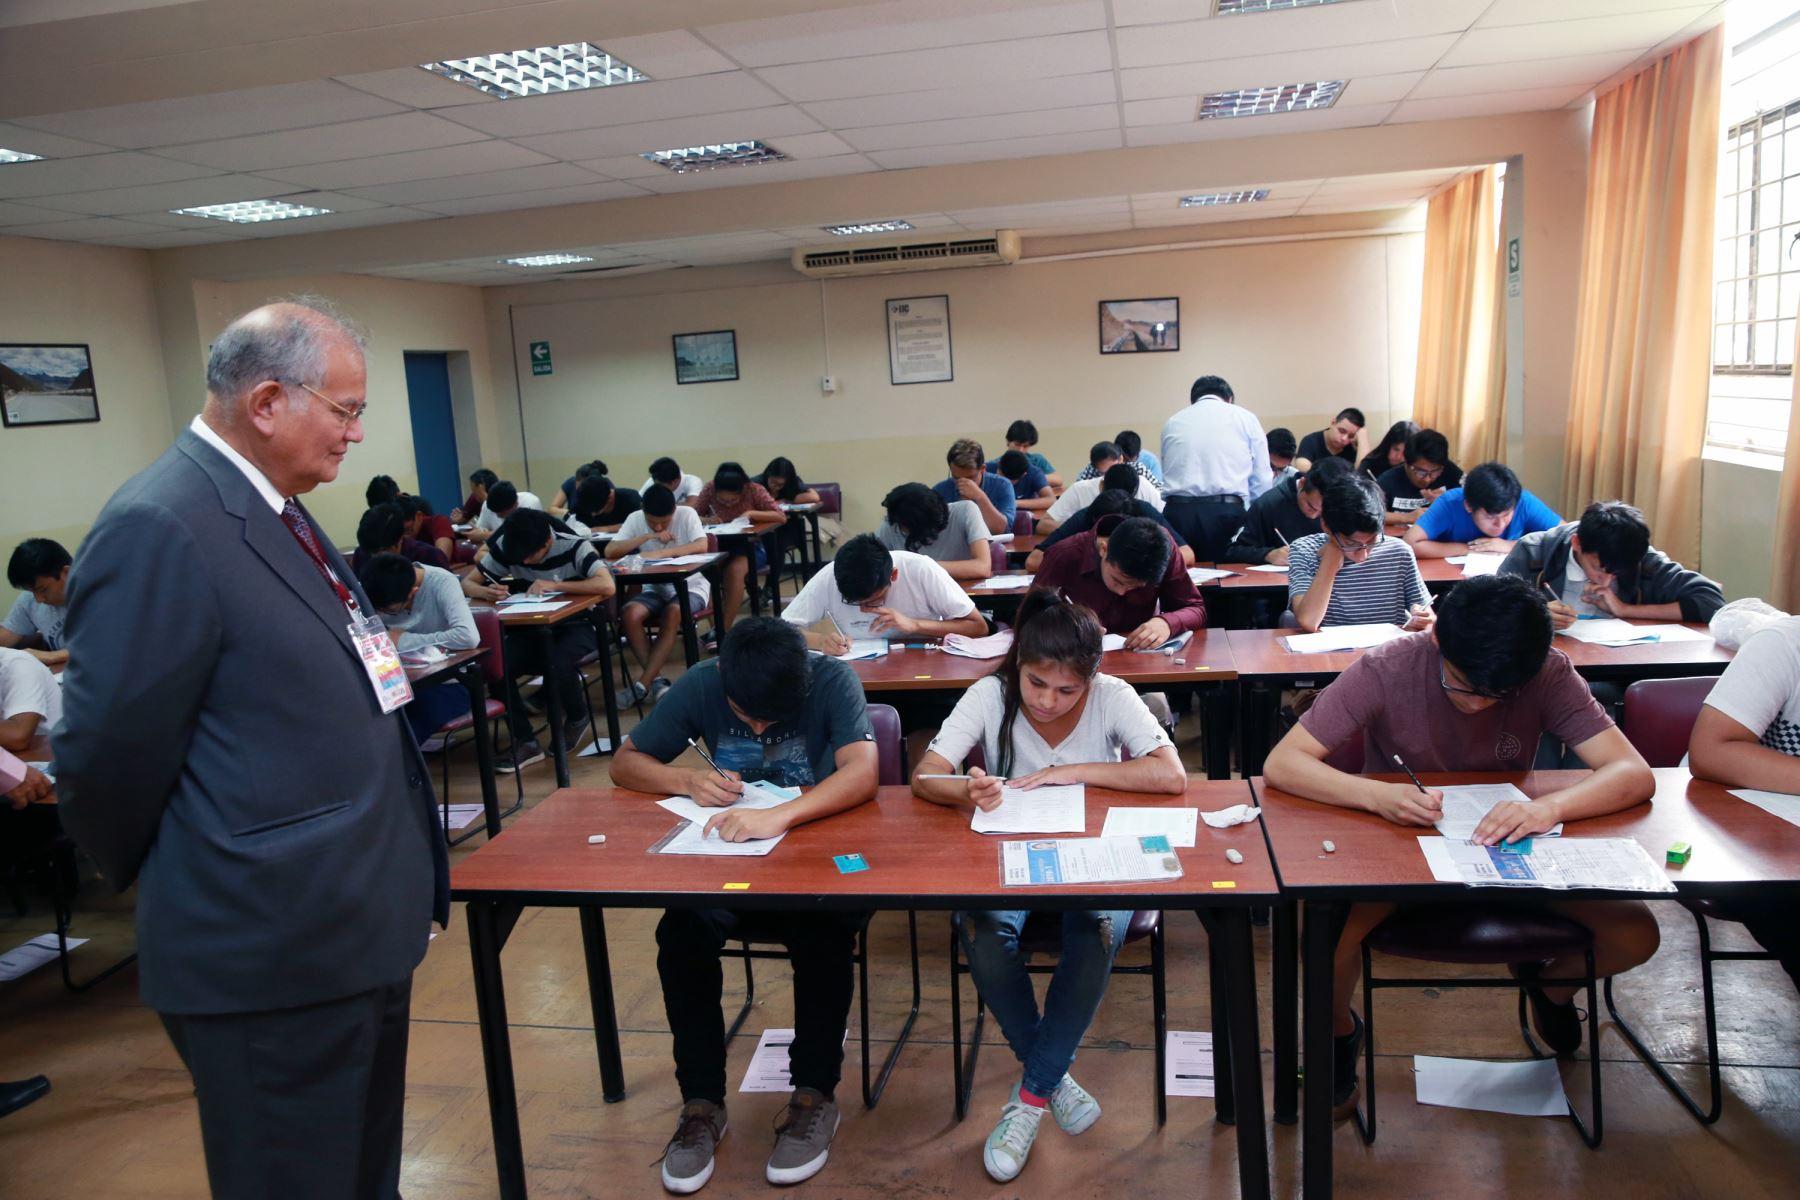 Jorge Elías Alva Hurtado rector de la UNI , supervisa el concurso de admisión de la UNI 2019 .Foto: ANDINA/Norman Córdova